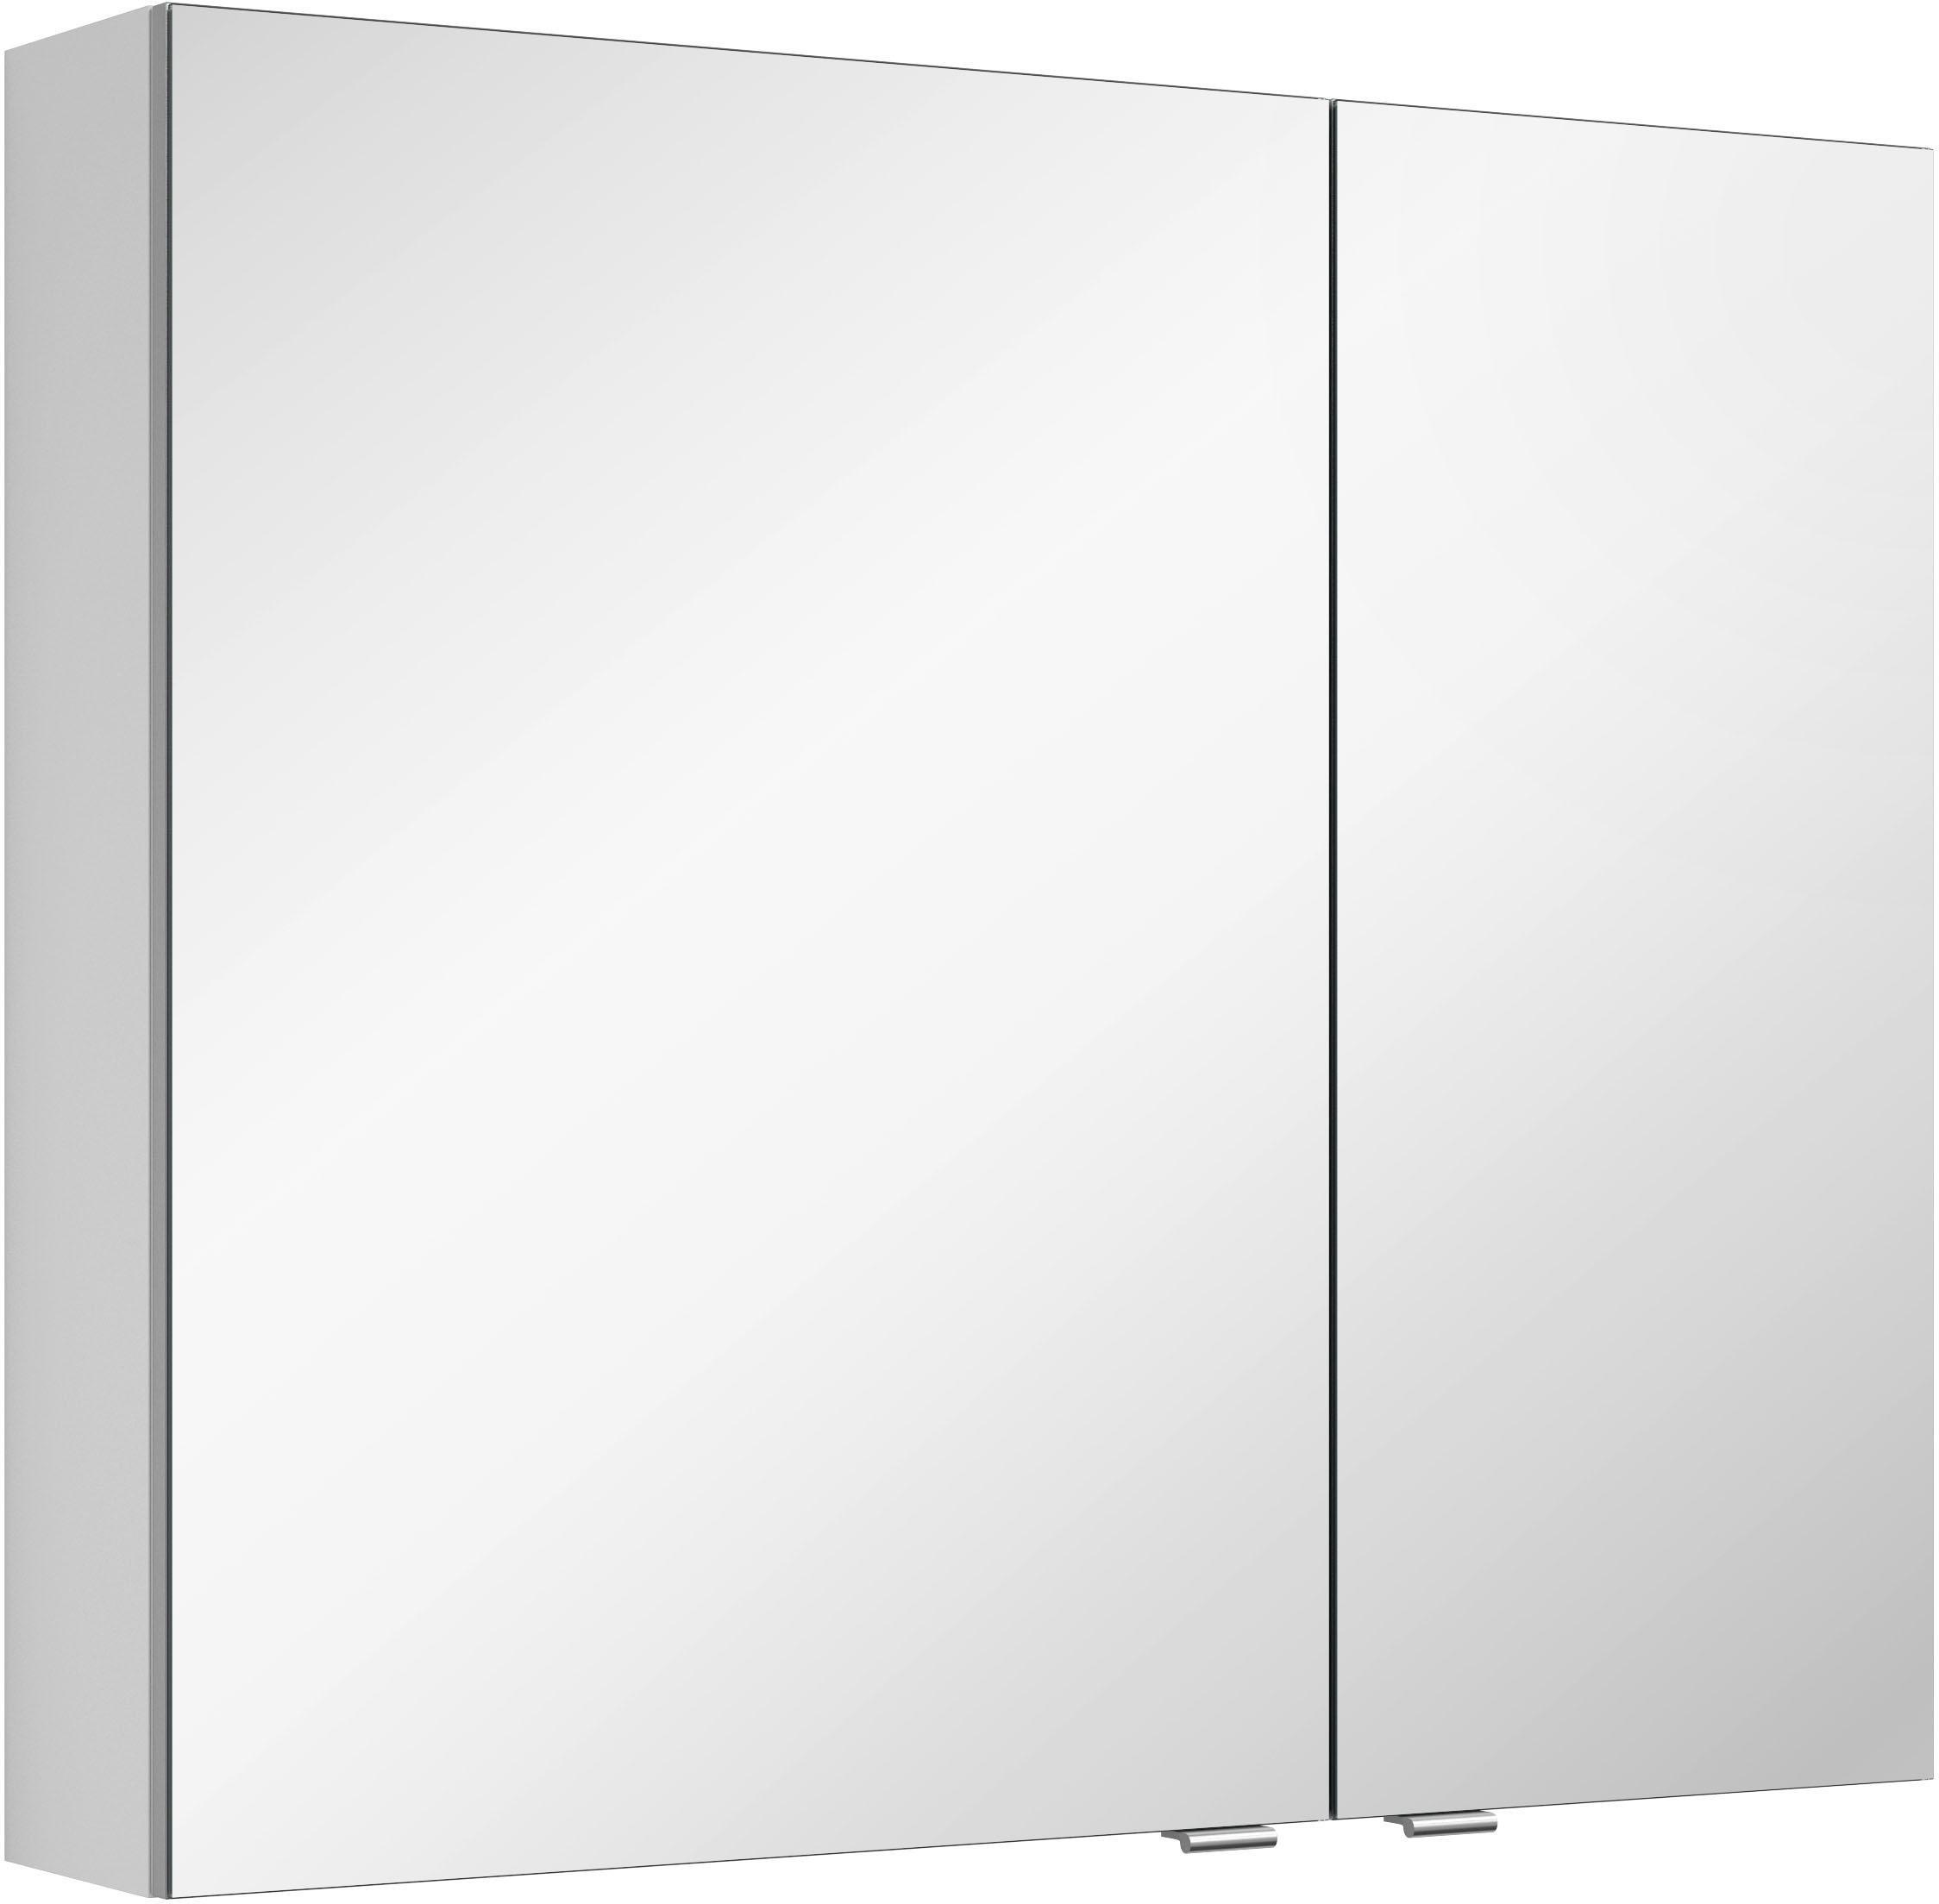 MARLIN spiegelkast 3980 met dubbelzijdig spiegelende deuren, voorgemonteerd online kopen op otto.nl